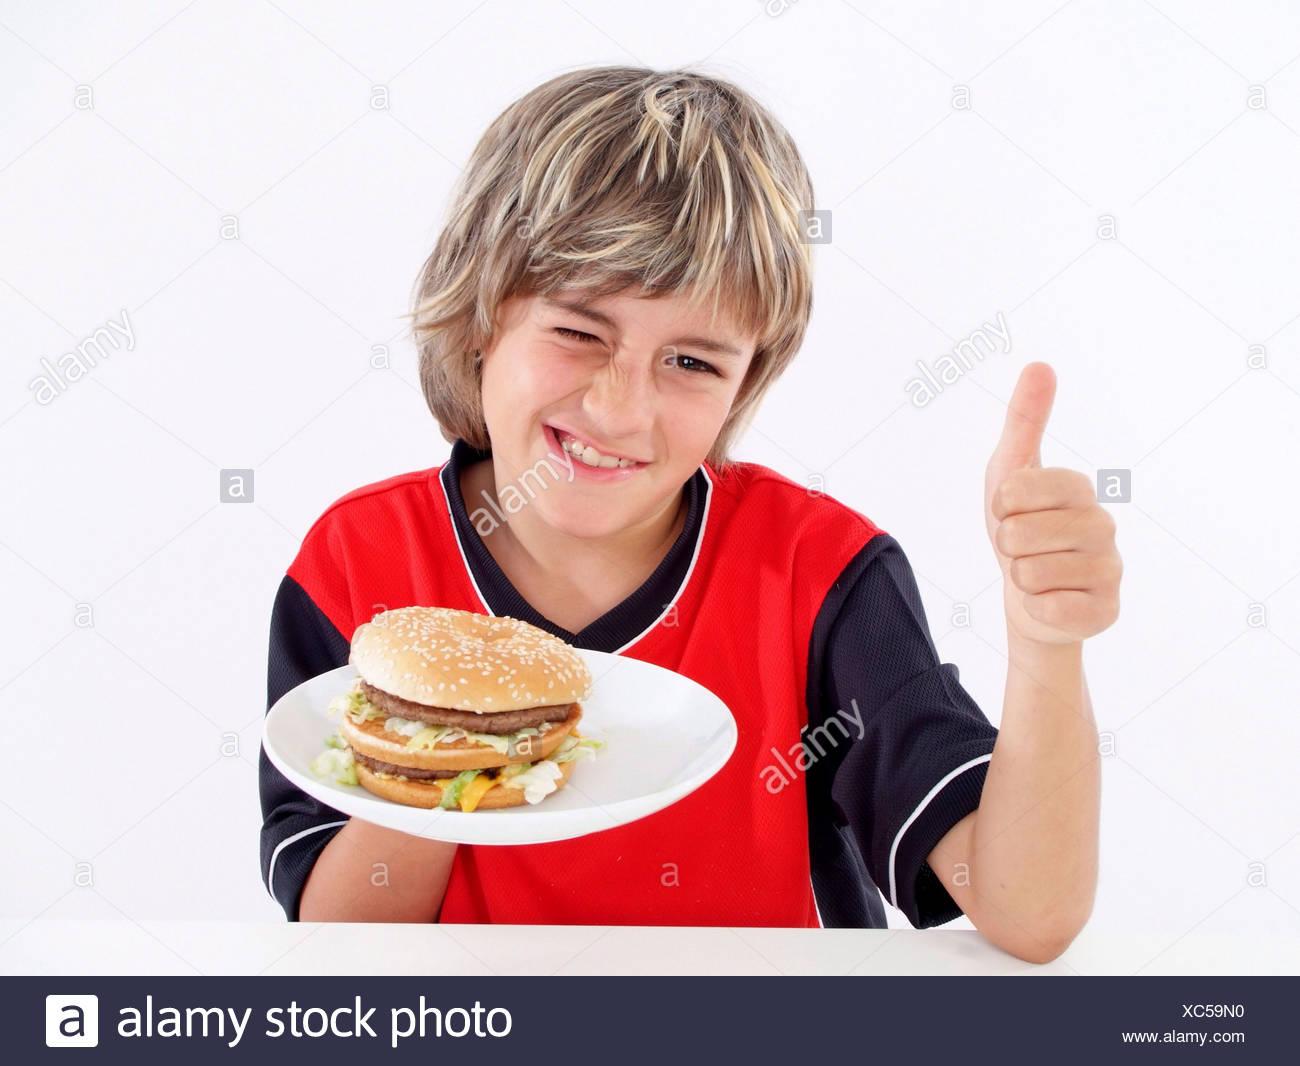 Burger Boy Compensation Essay Dissertation Help